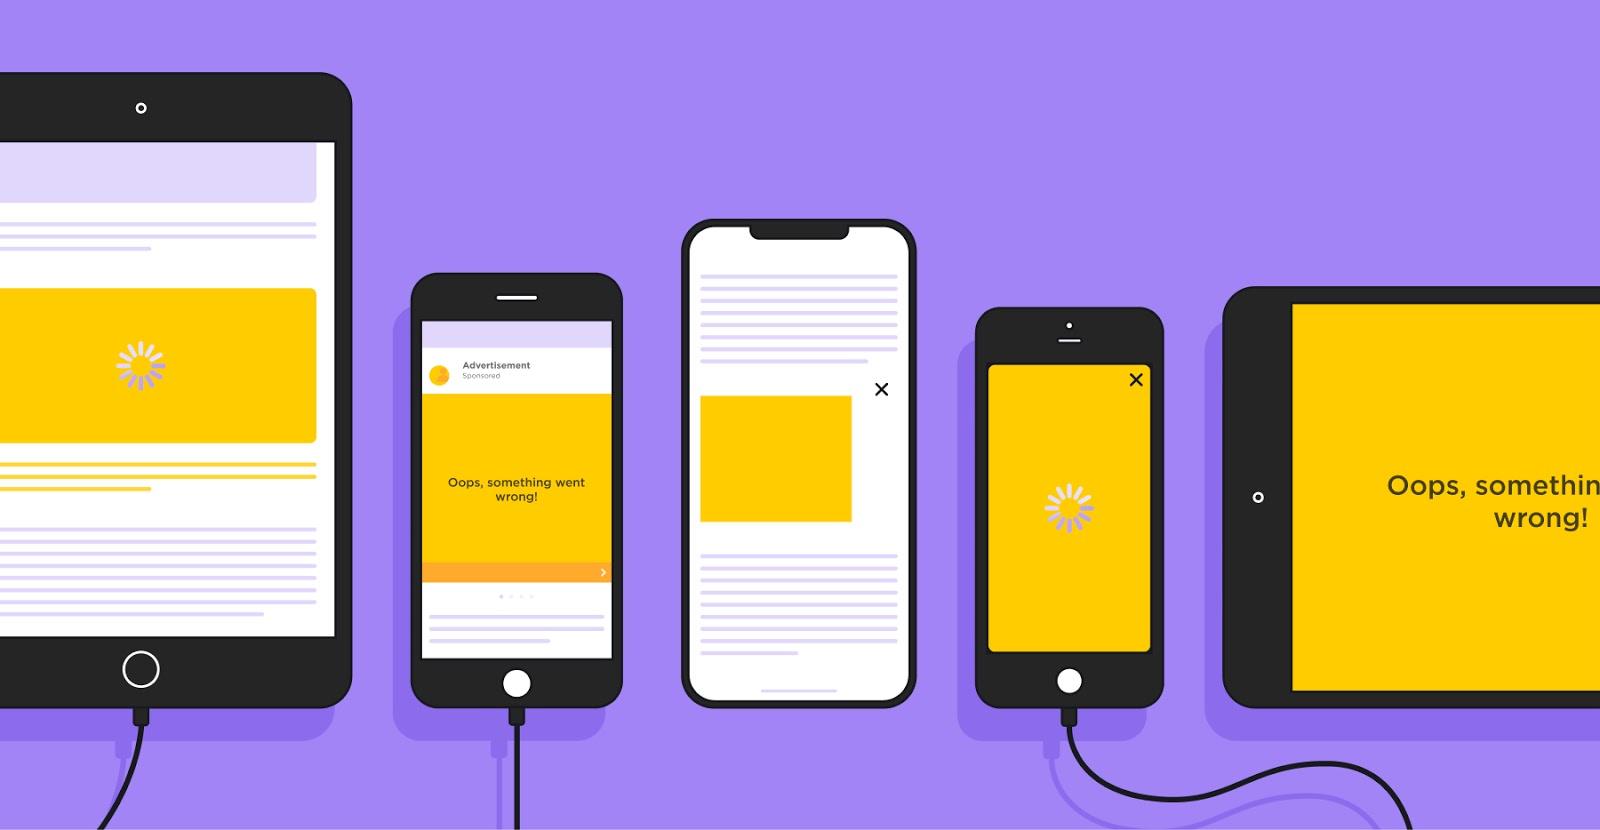 Гайд по тестированию рекламы для мобильных приложений - 1